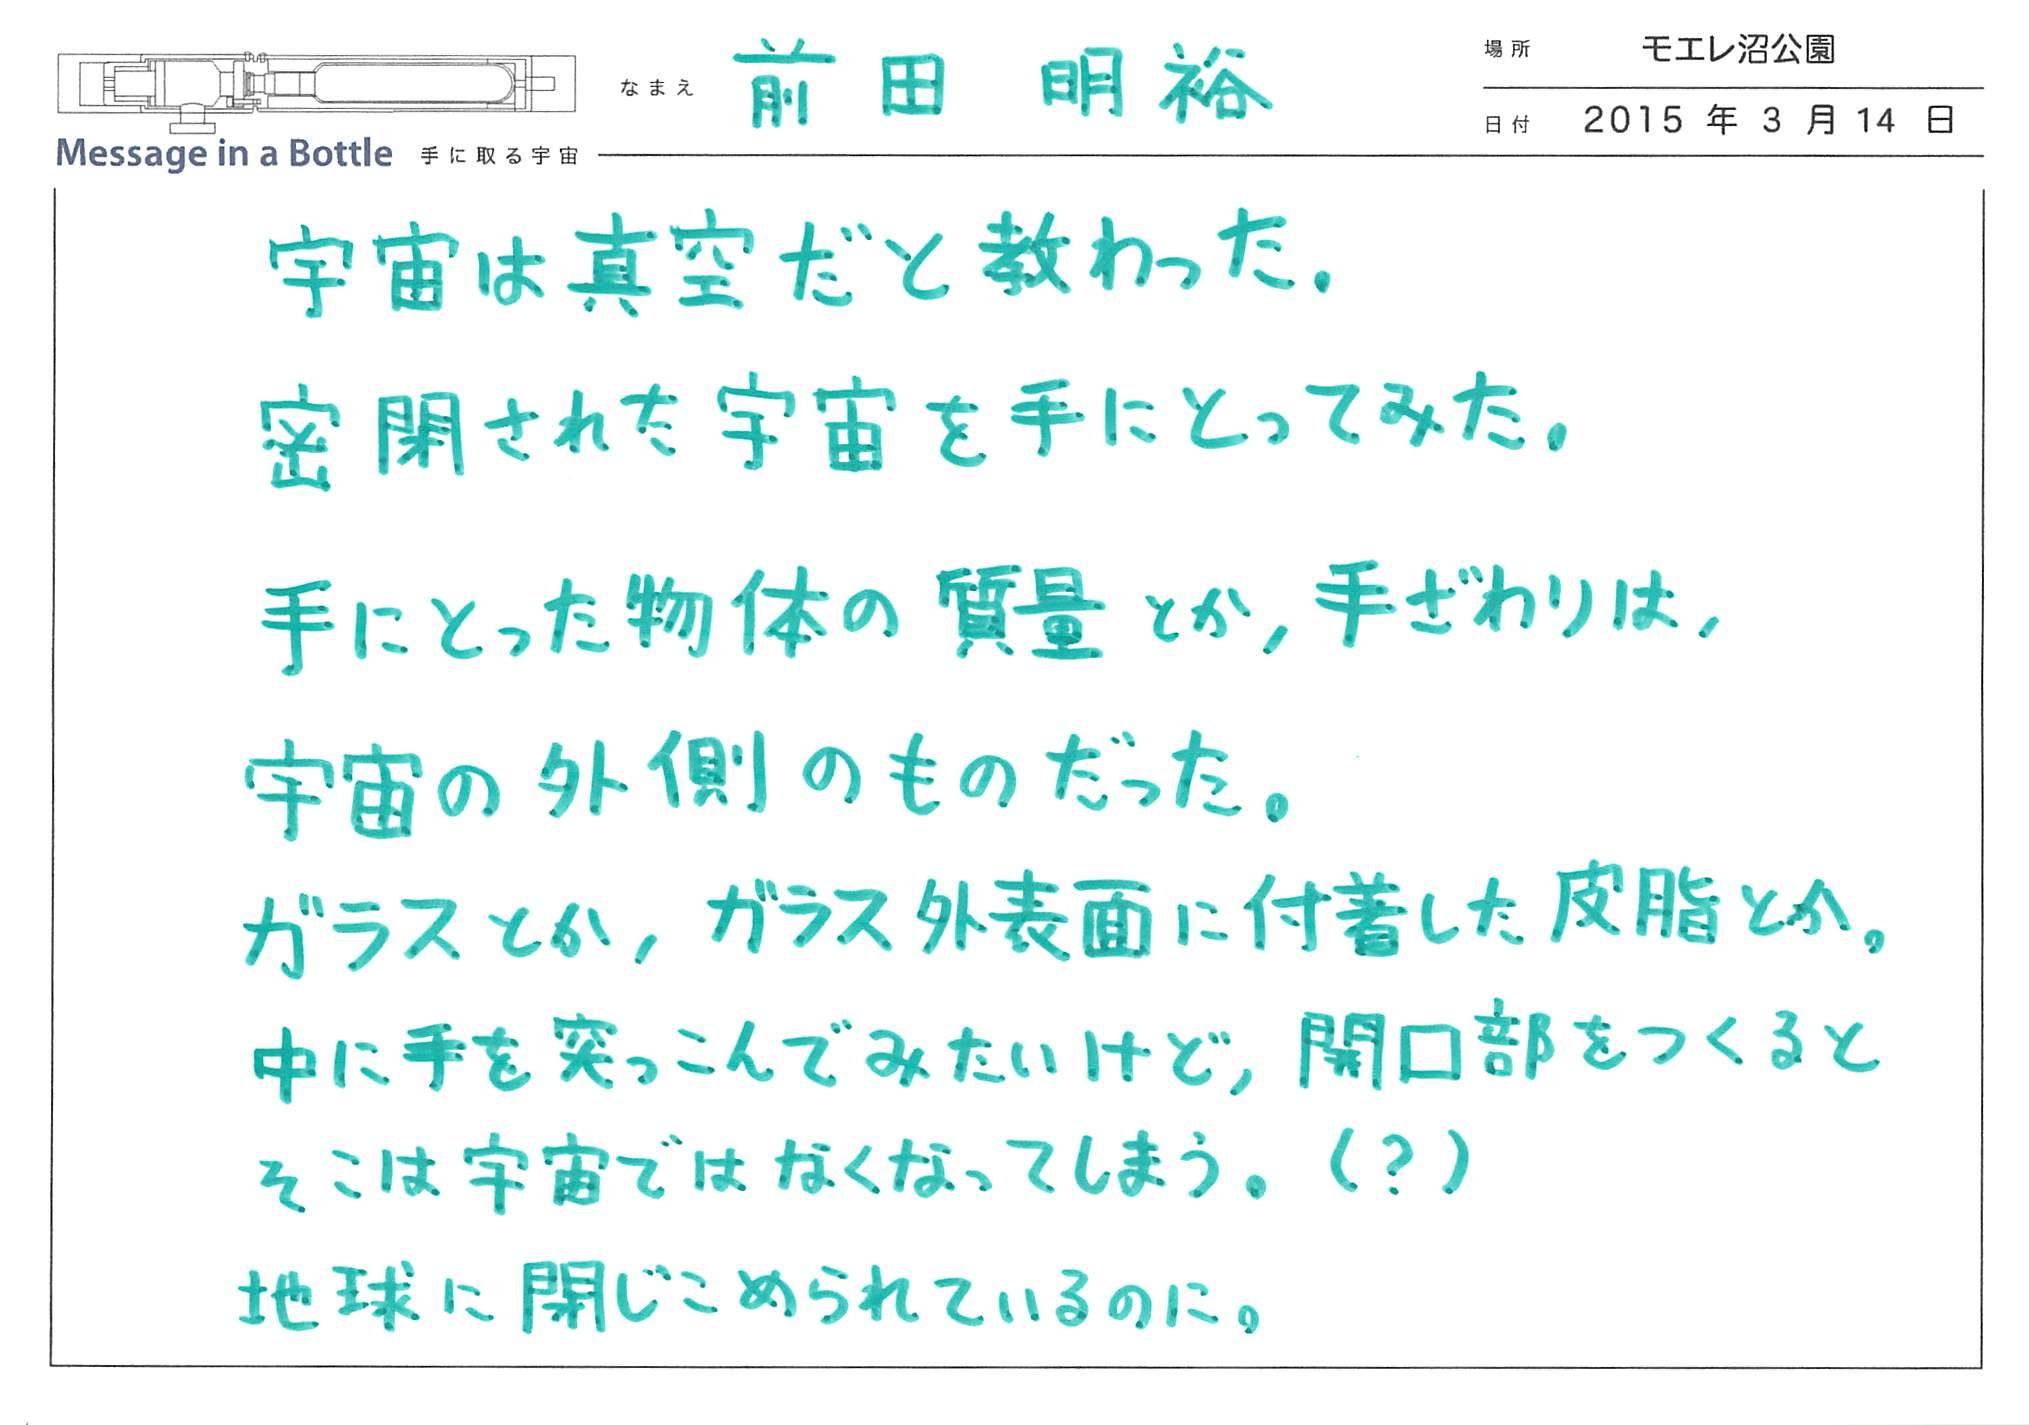 2015-03-14-18-09-59.jpg